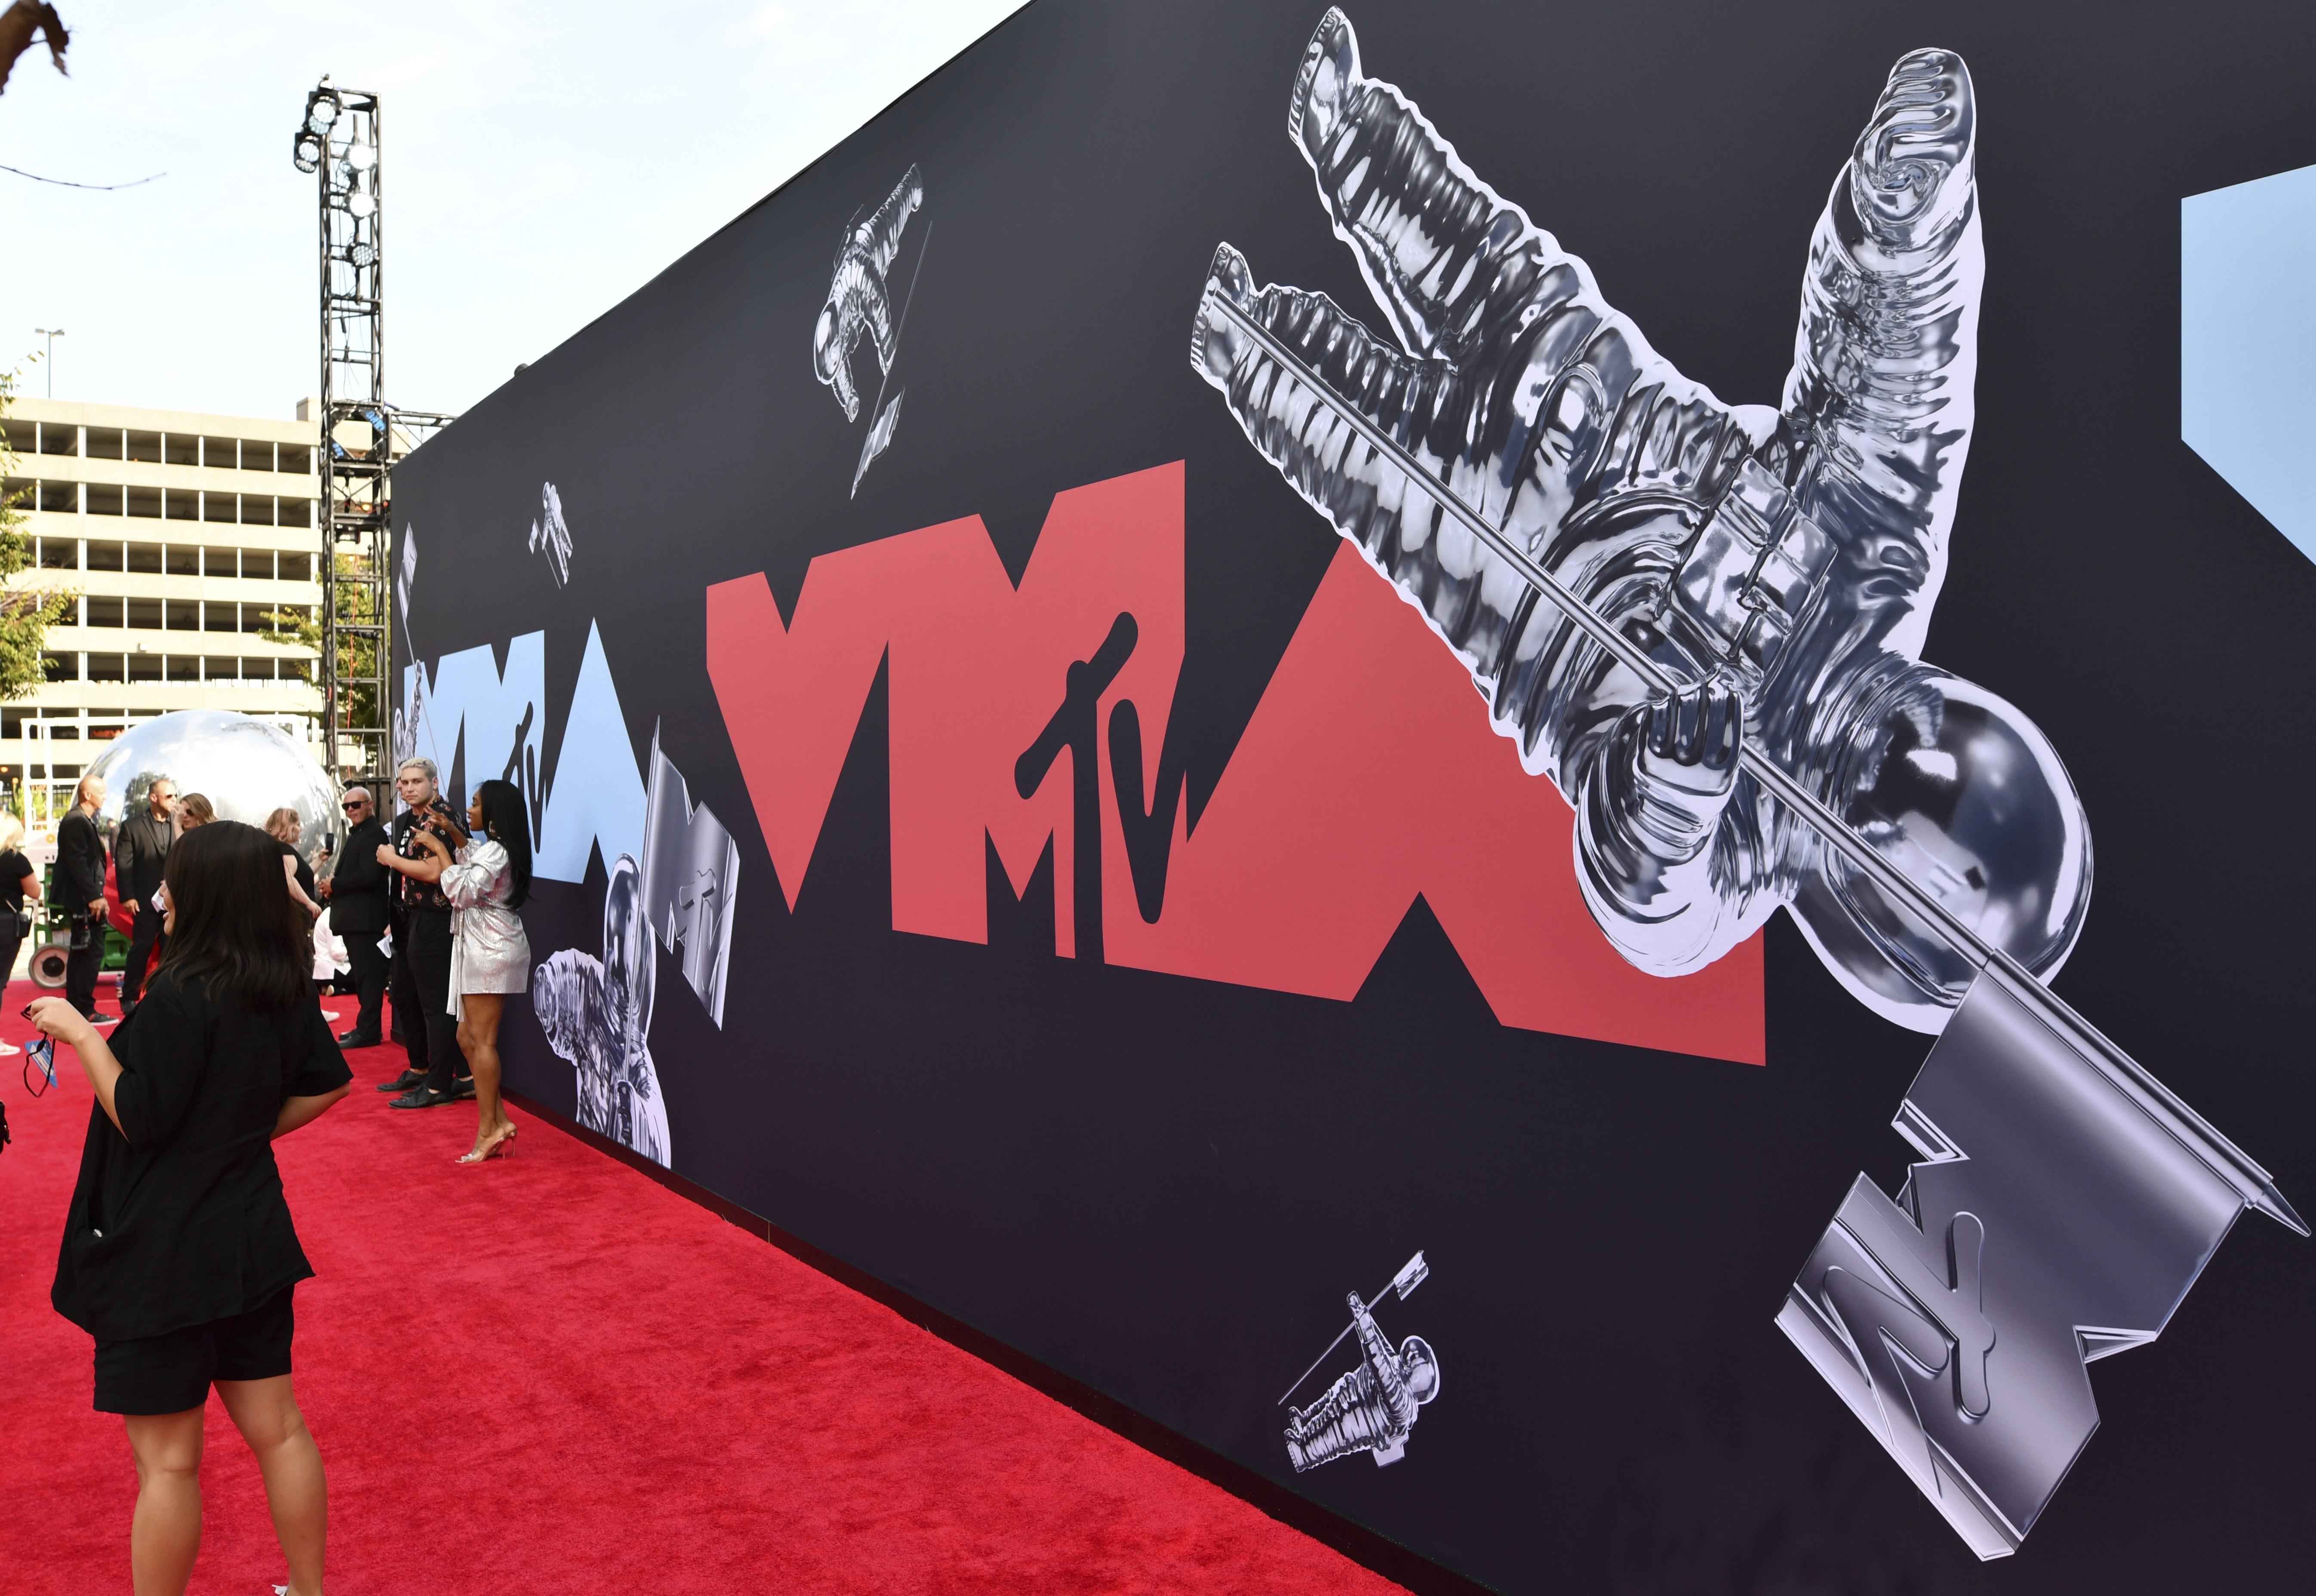 VMA 2020 vai acontecer em agosto em arena de Nova York com presença restrita, diz governador